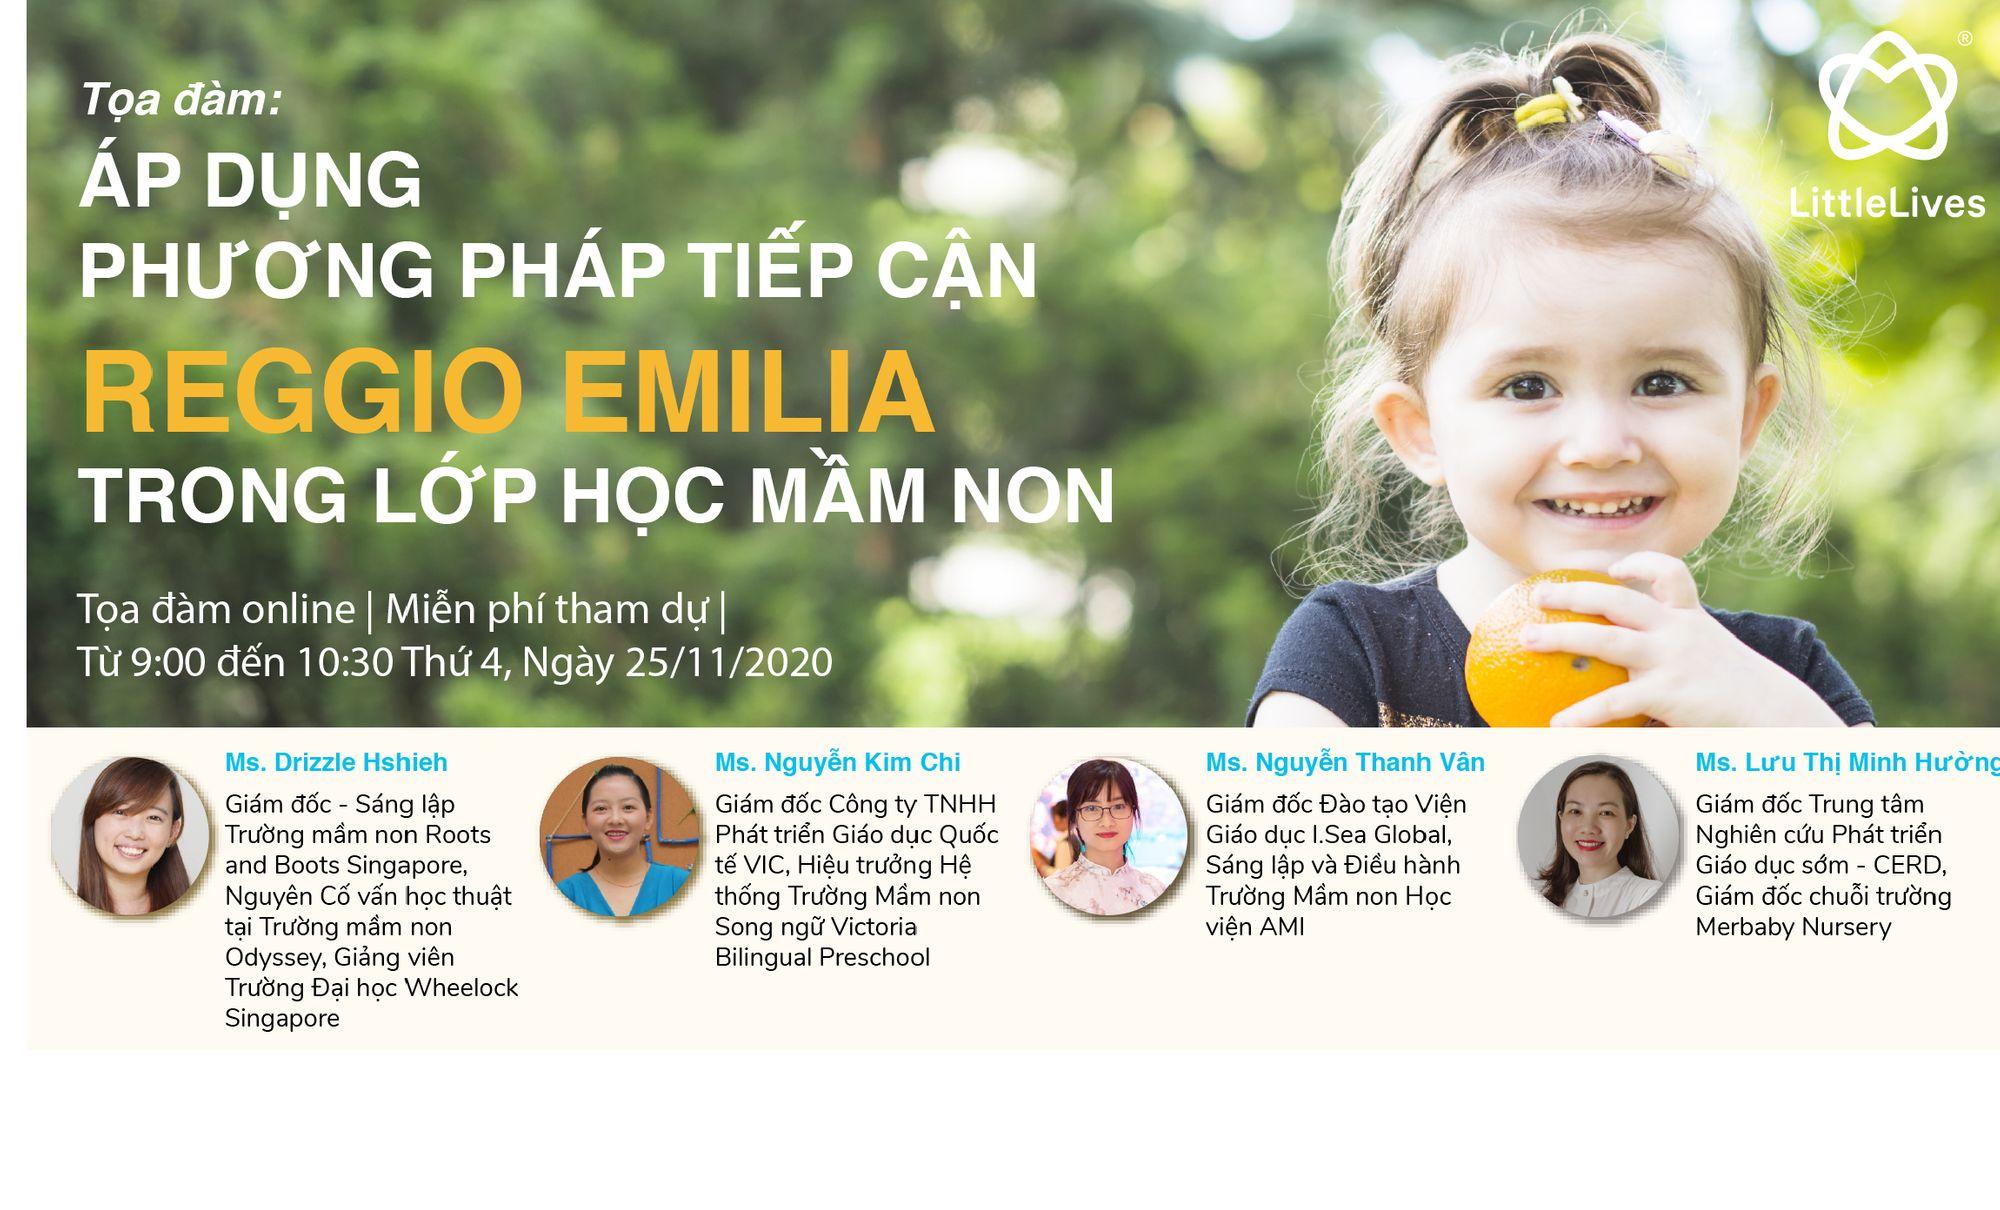 Phương pháp Tiếp cận Reggio Emilia - Trẻ tiếp nhận kiến thức và khám phá thế giới mà trẻ muốn